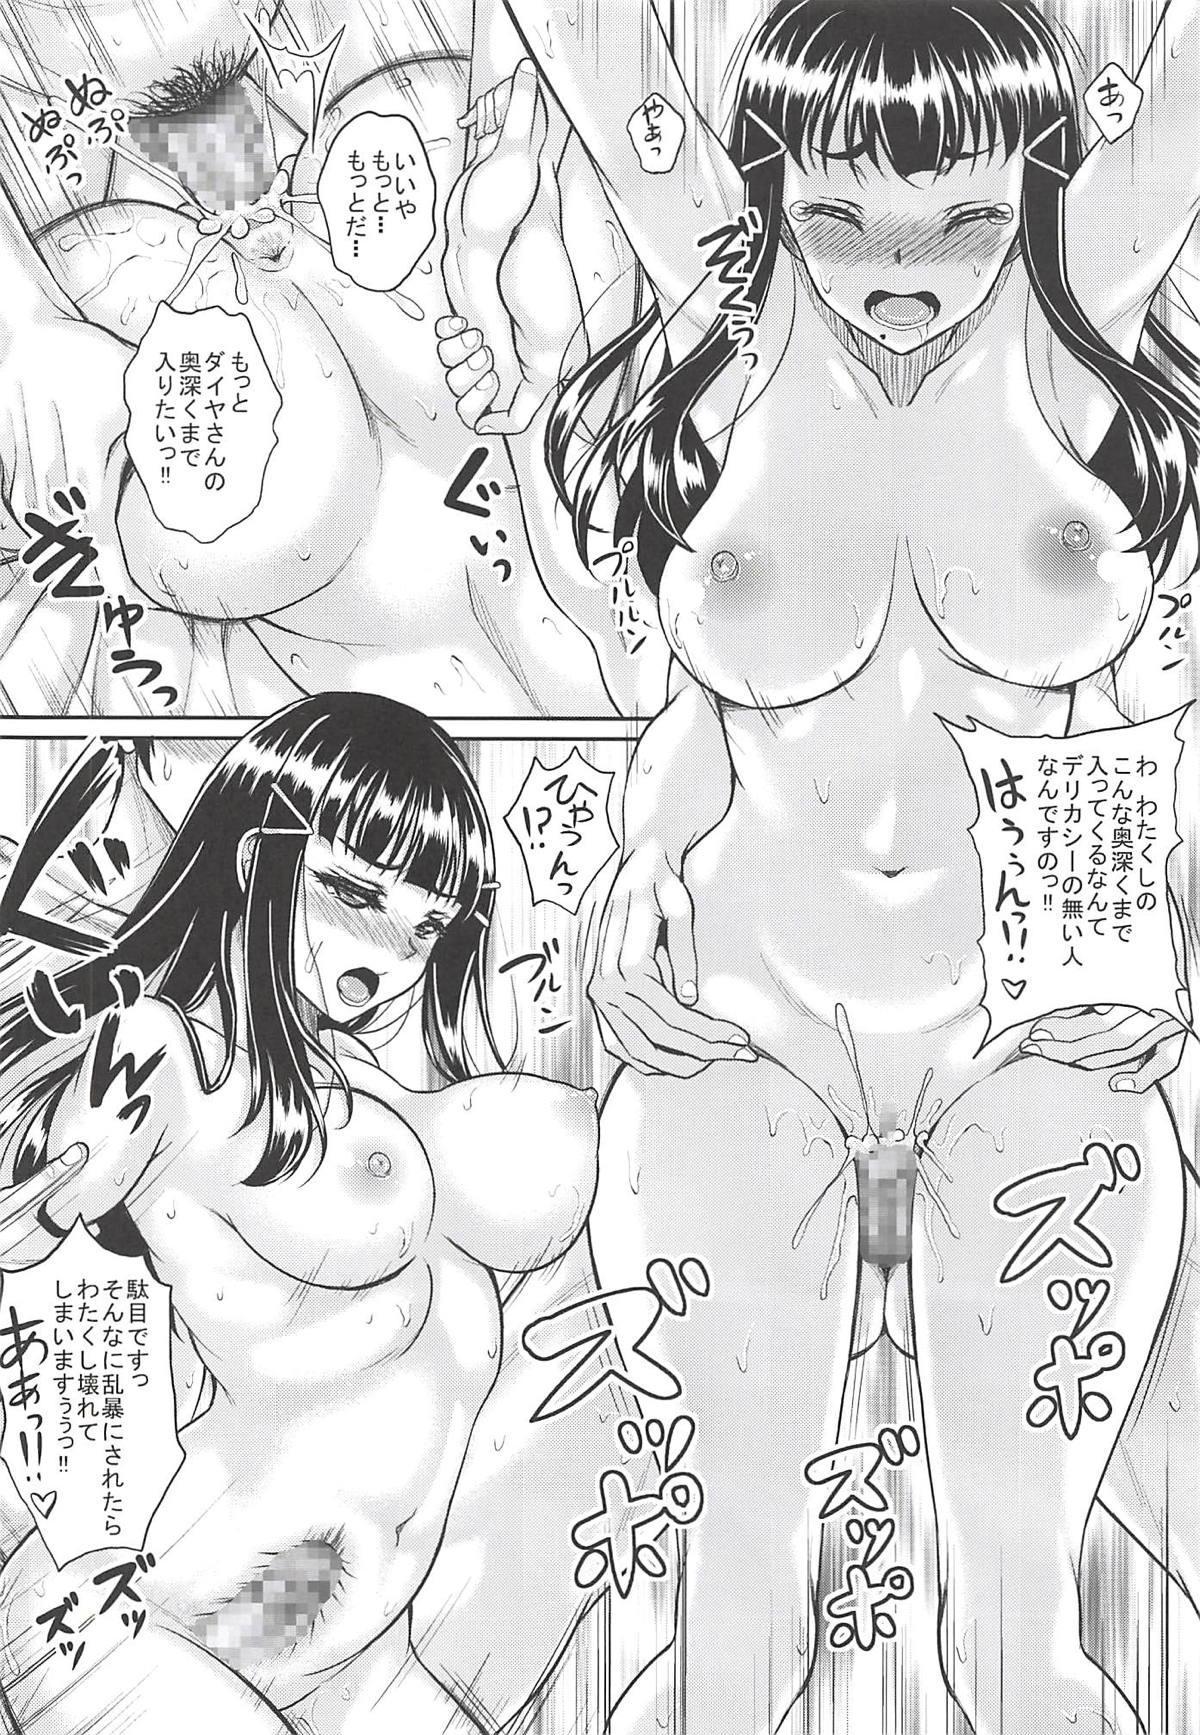 School Idol ga Iru Fuuzoku ga Arutte Hontou desuka? 13 Watakushi Igai ni Yosomi o Shitara Bubbuu! desu wa Hen 18